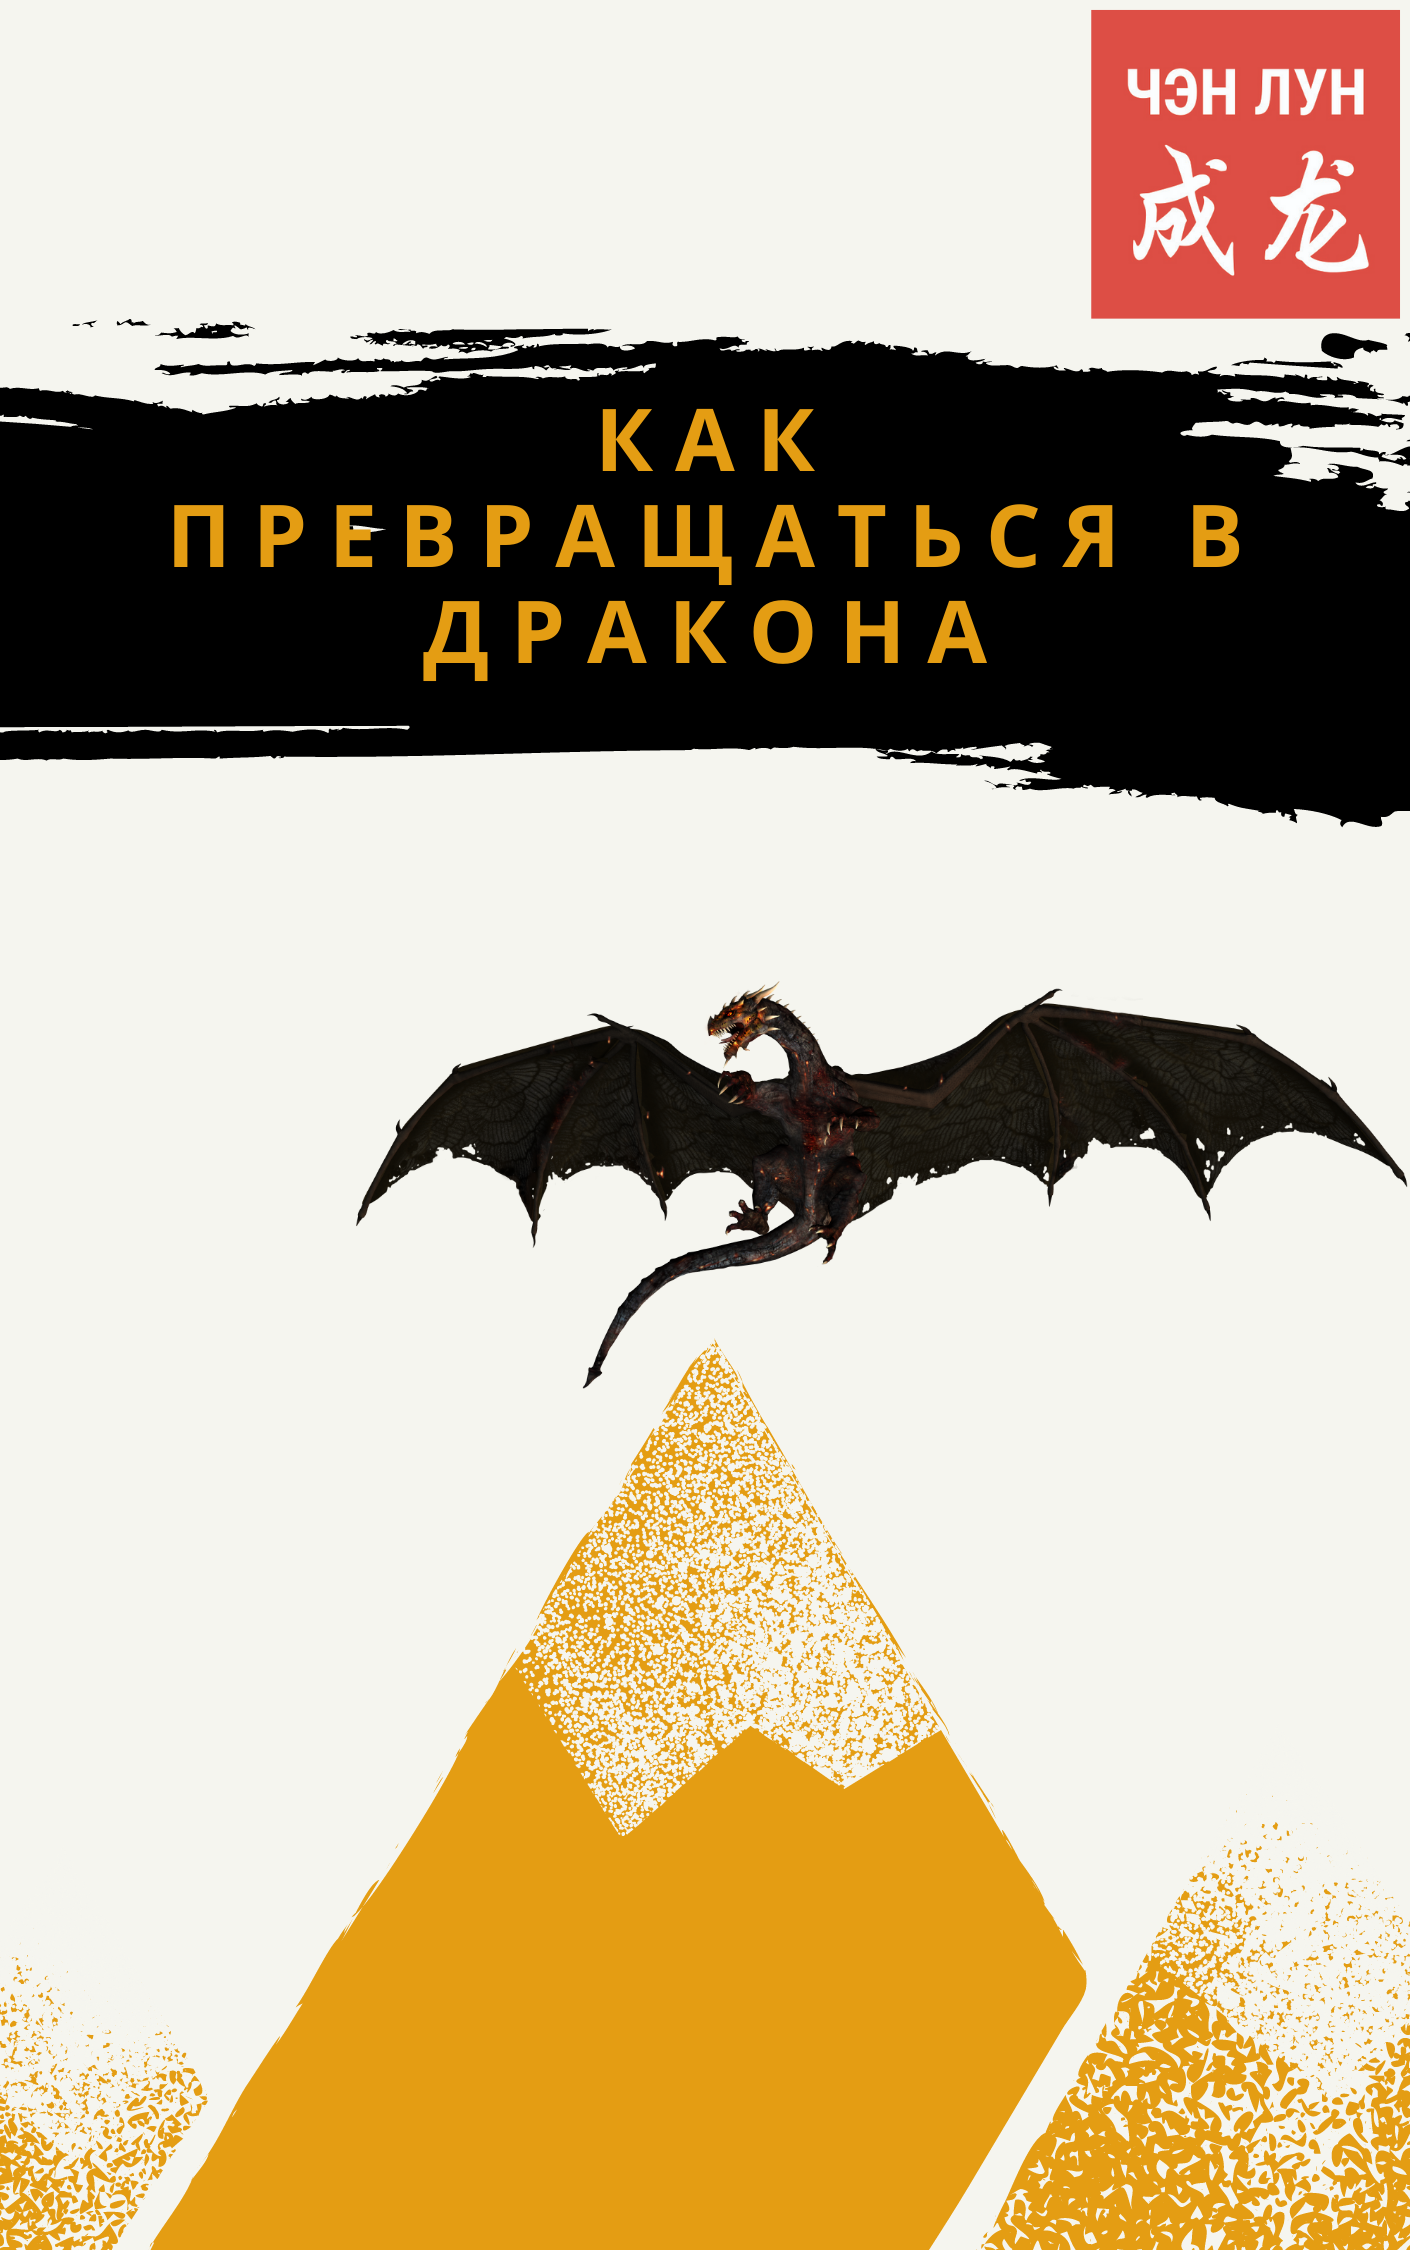 Обложка для книги фото f_0955f52099f1d8ea.png